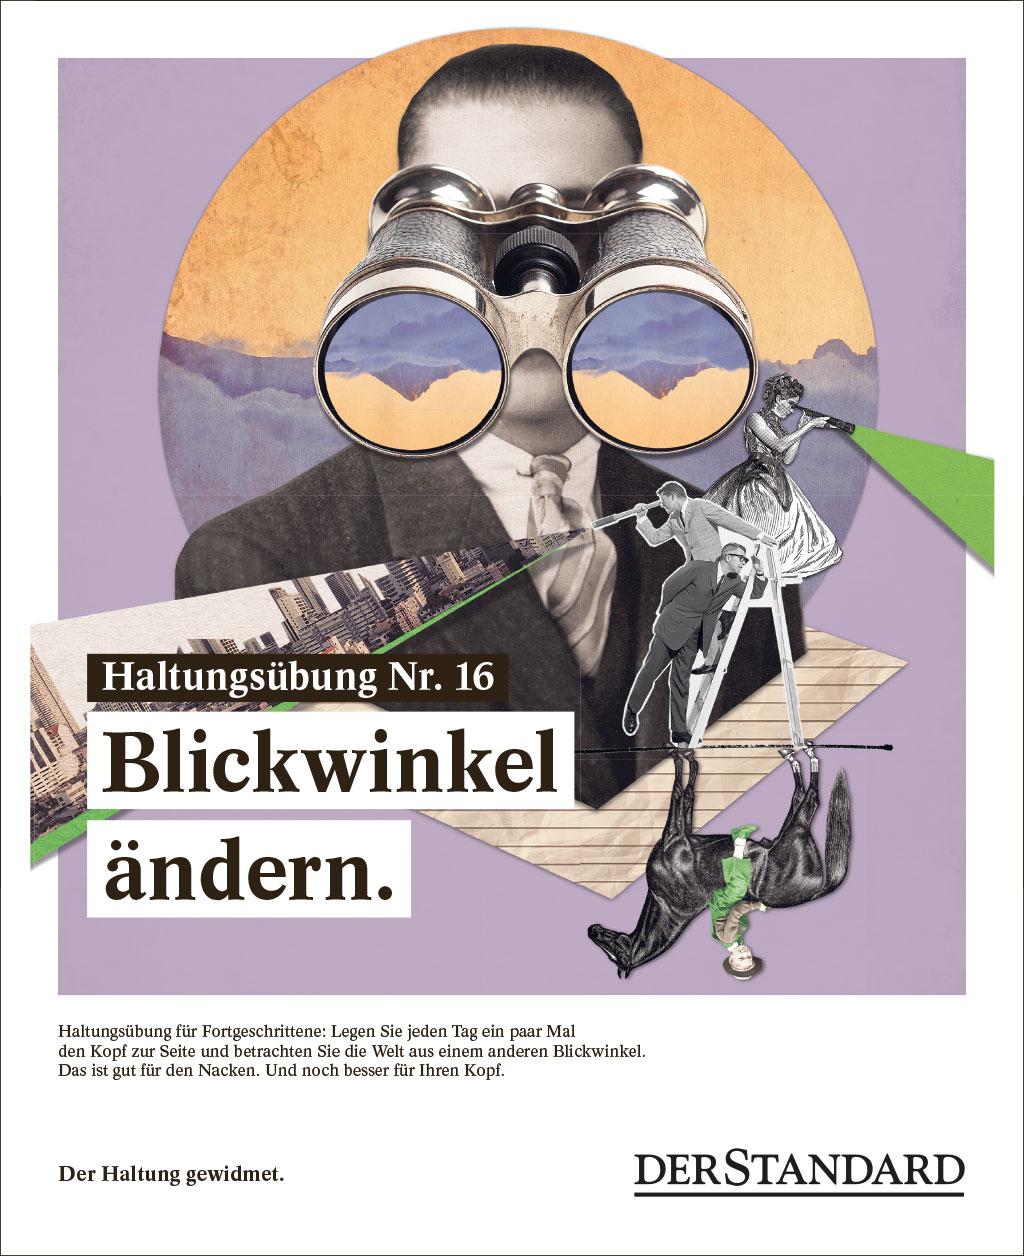 IMG_Haltungsbung16_Blickwinkel-aendern_1024x1256